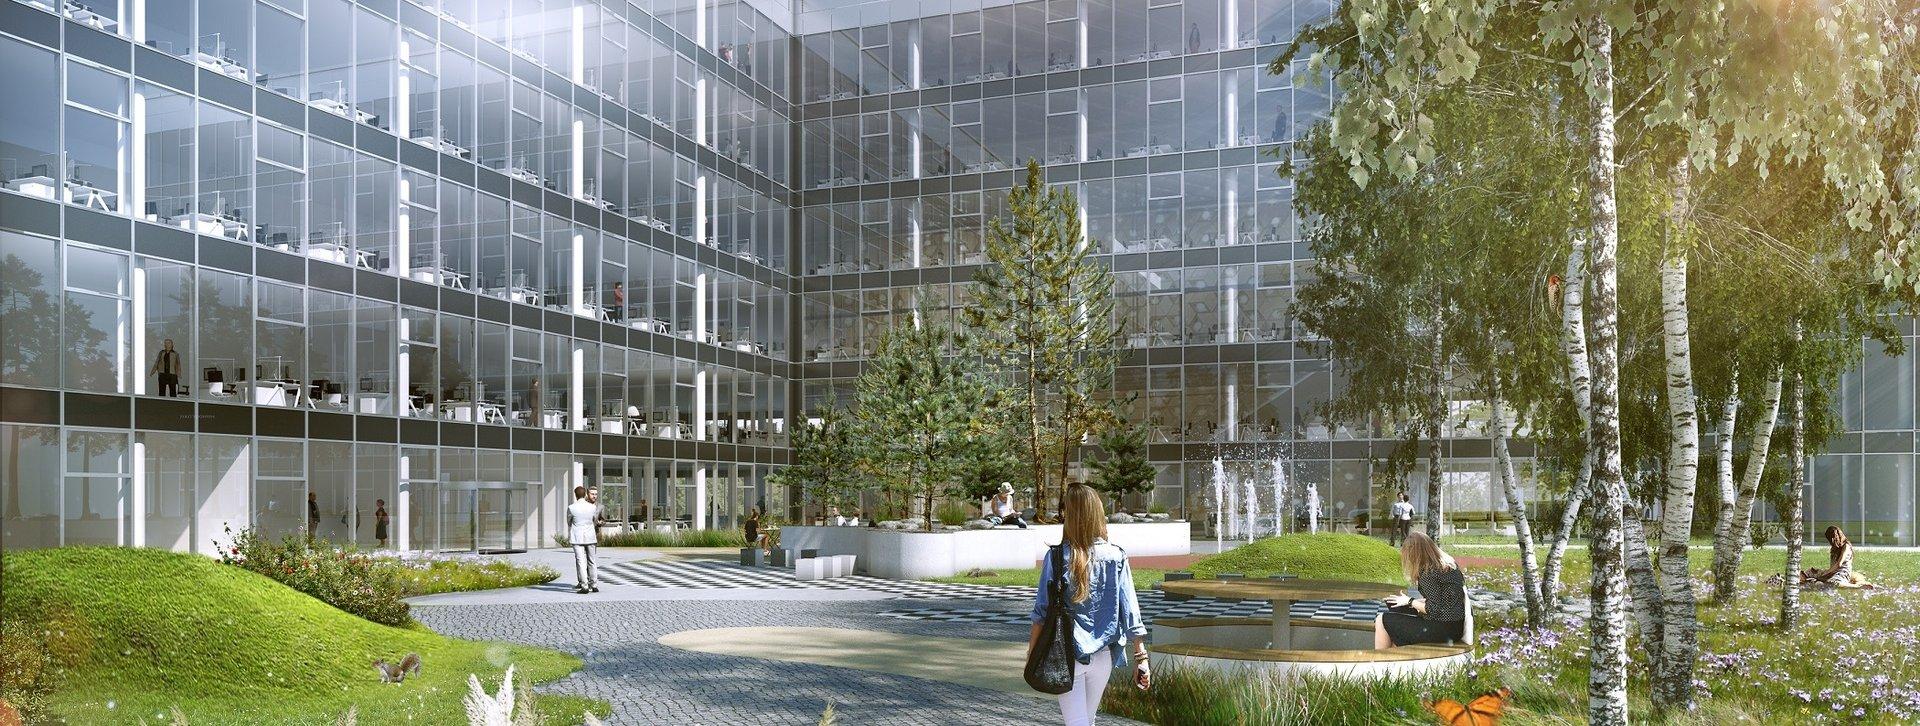 viz buildings